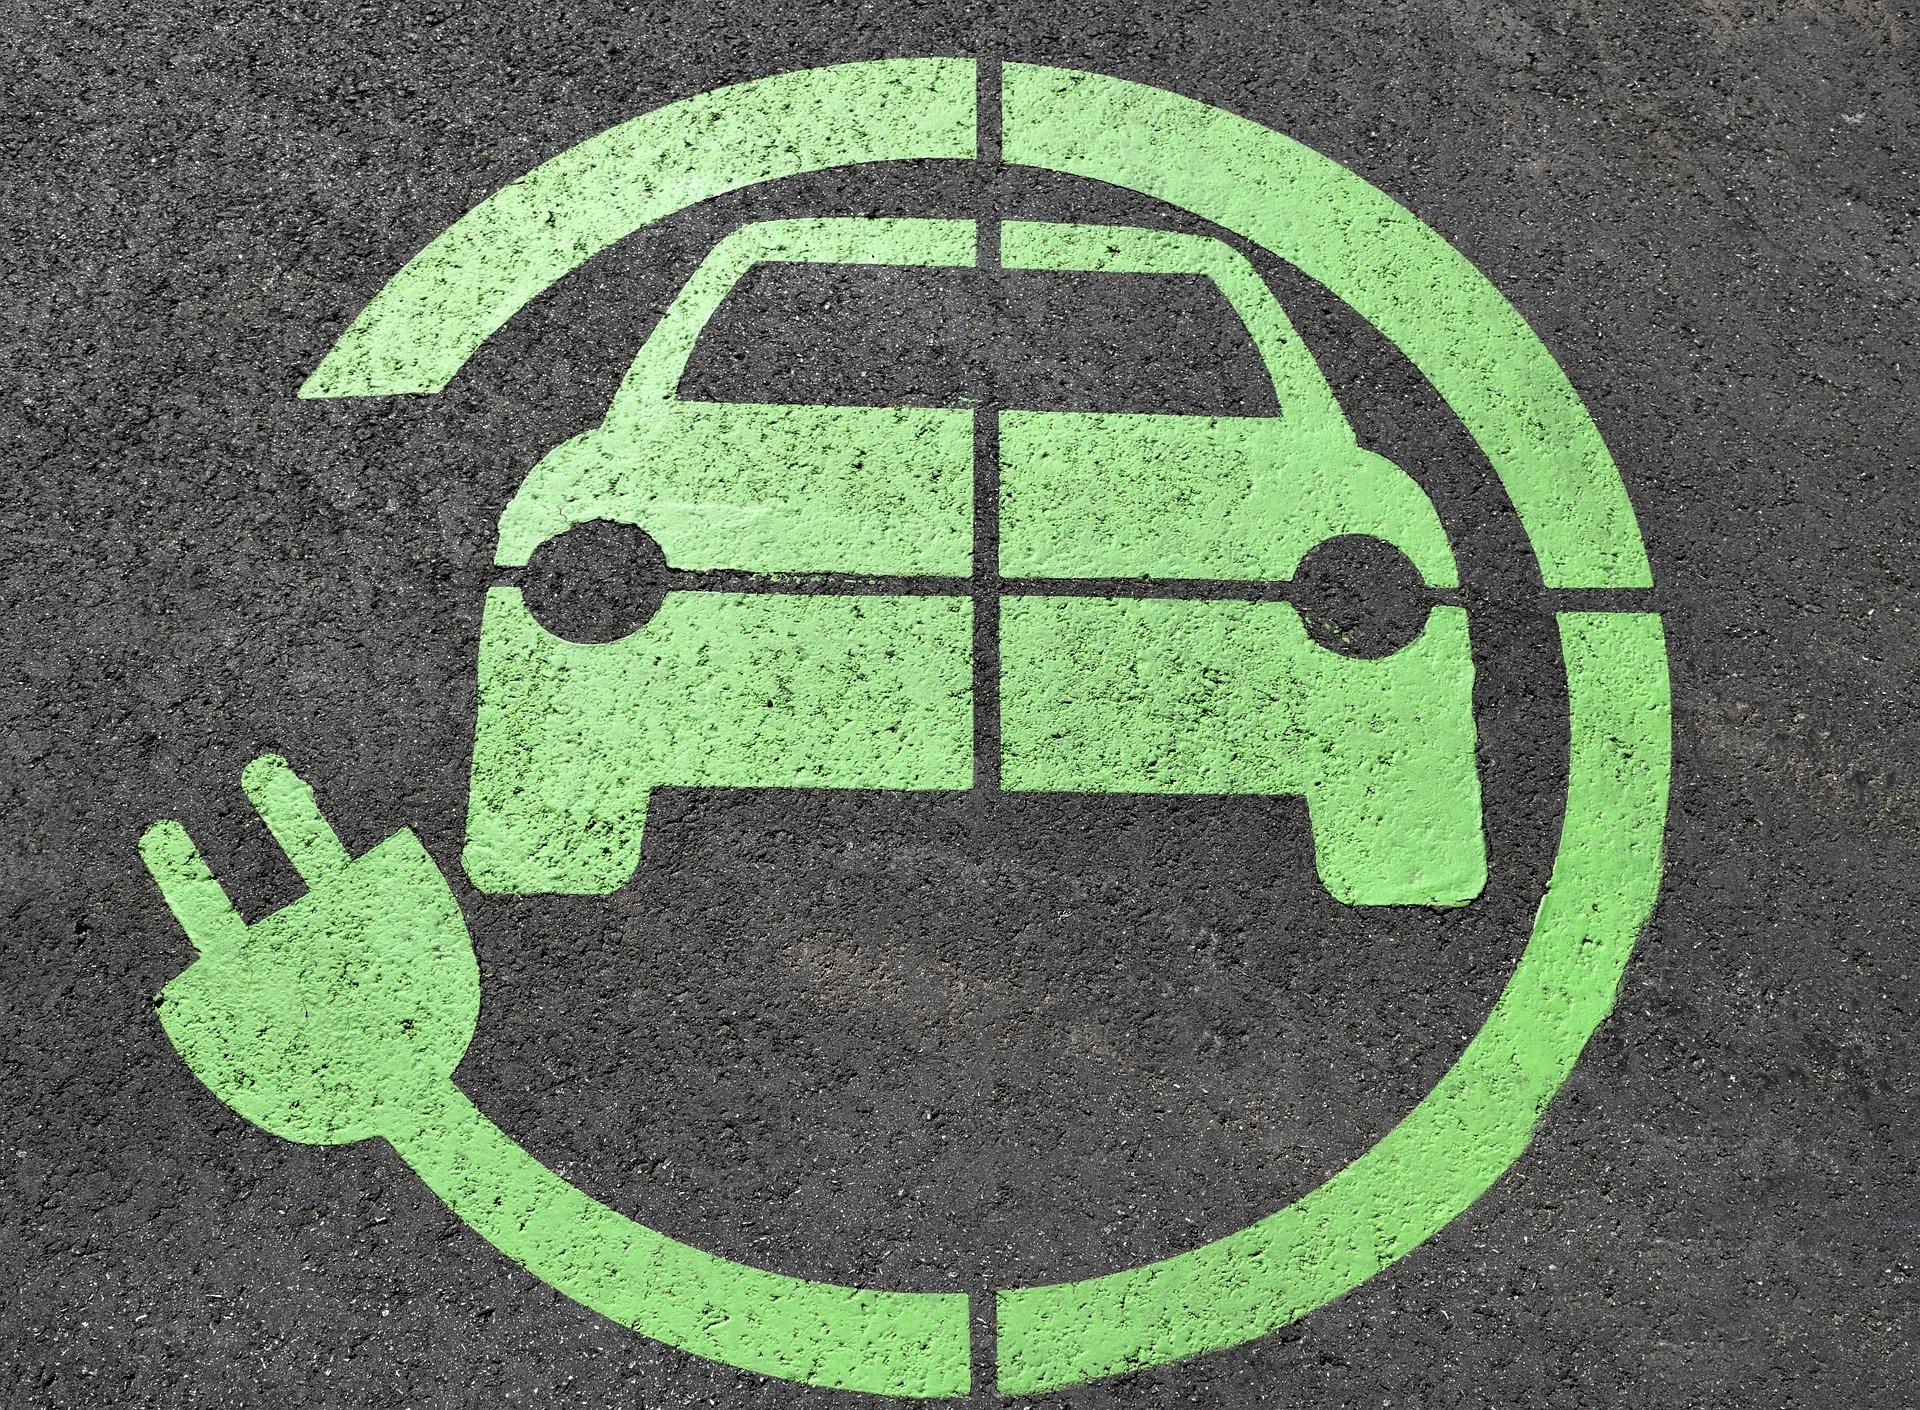 Recyclage : l'Inde va imposer aux constructeurs auto de récupérer les batteries usagées